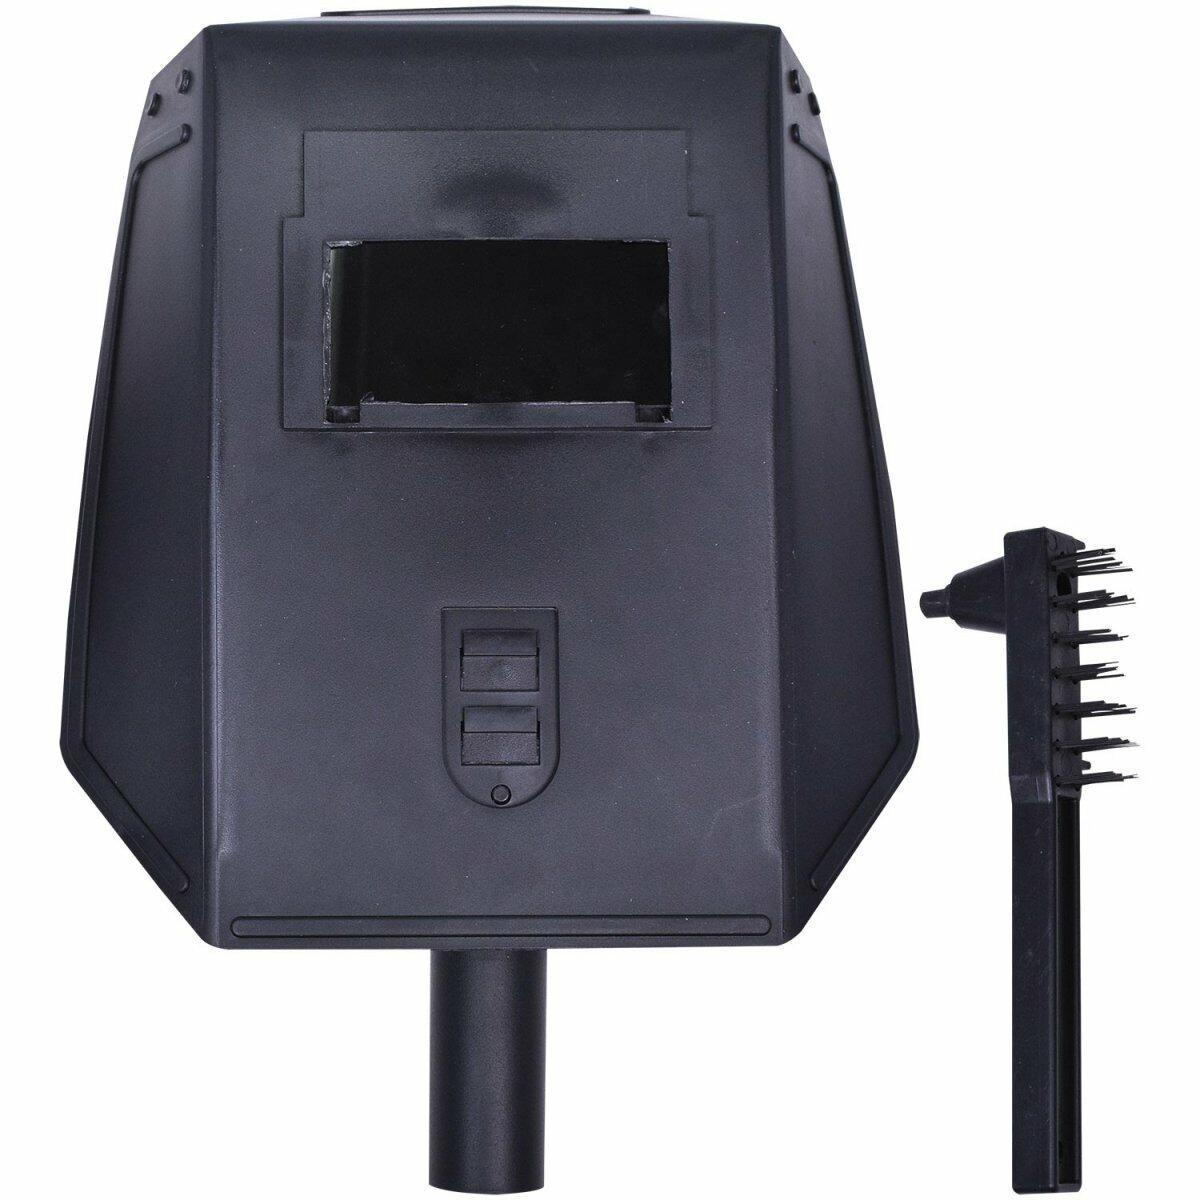 Solda Inversora Mig e Eletrodo Com Tocha 200A SM-B200 Bumafer –220V